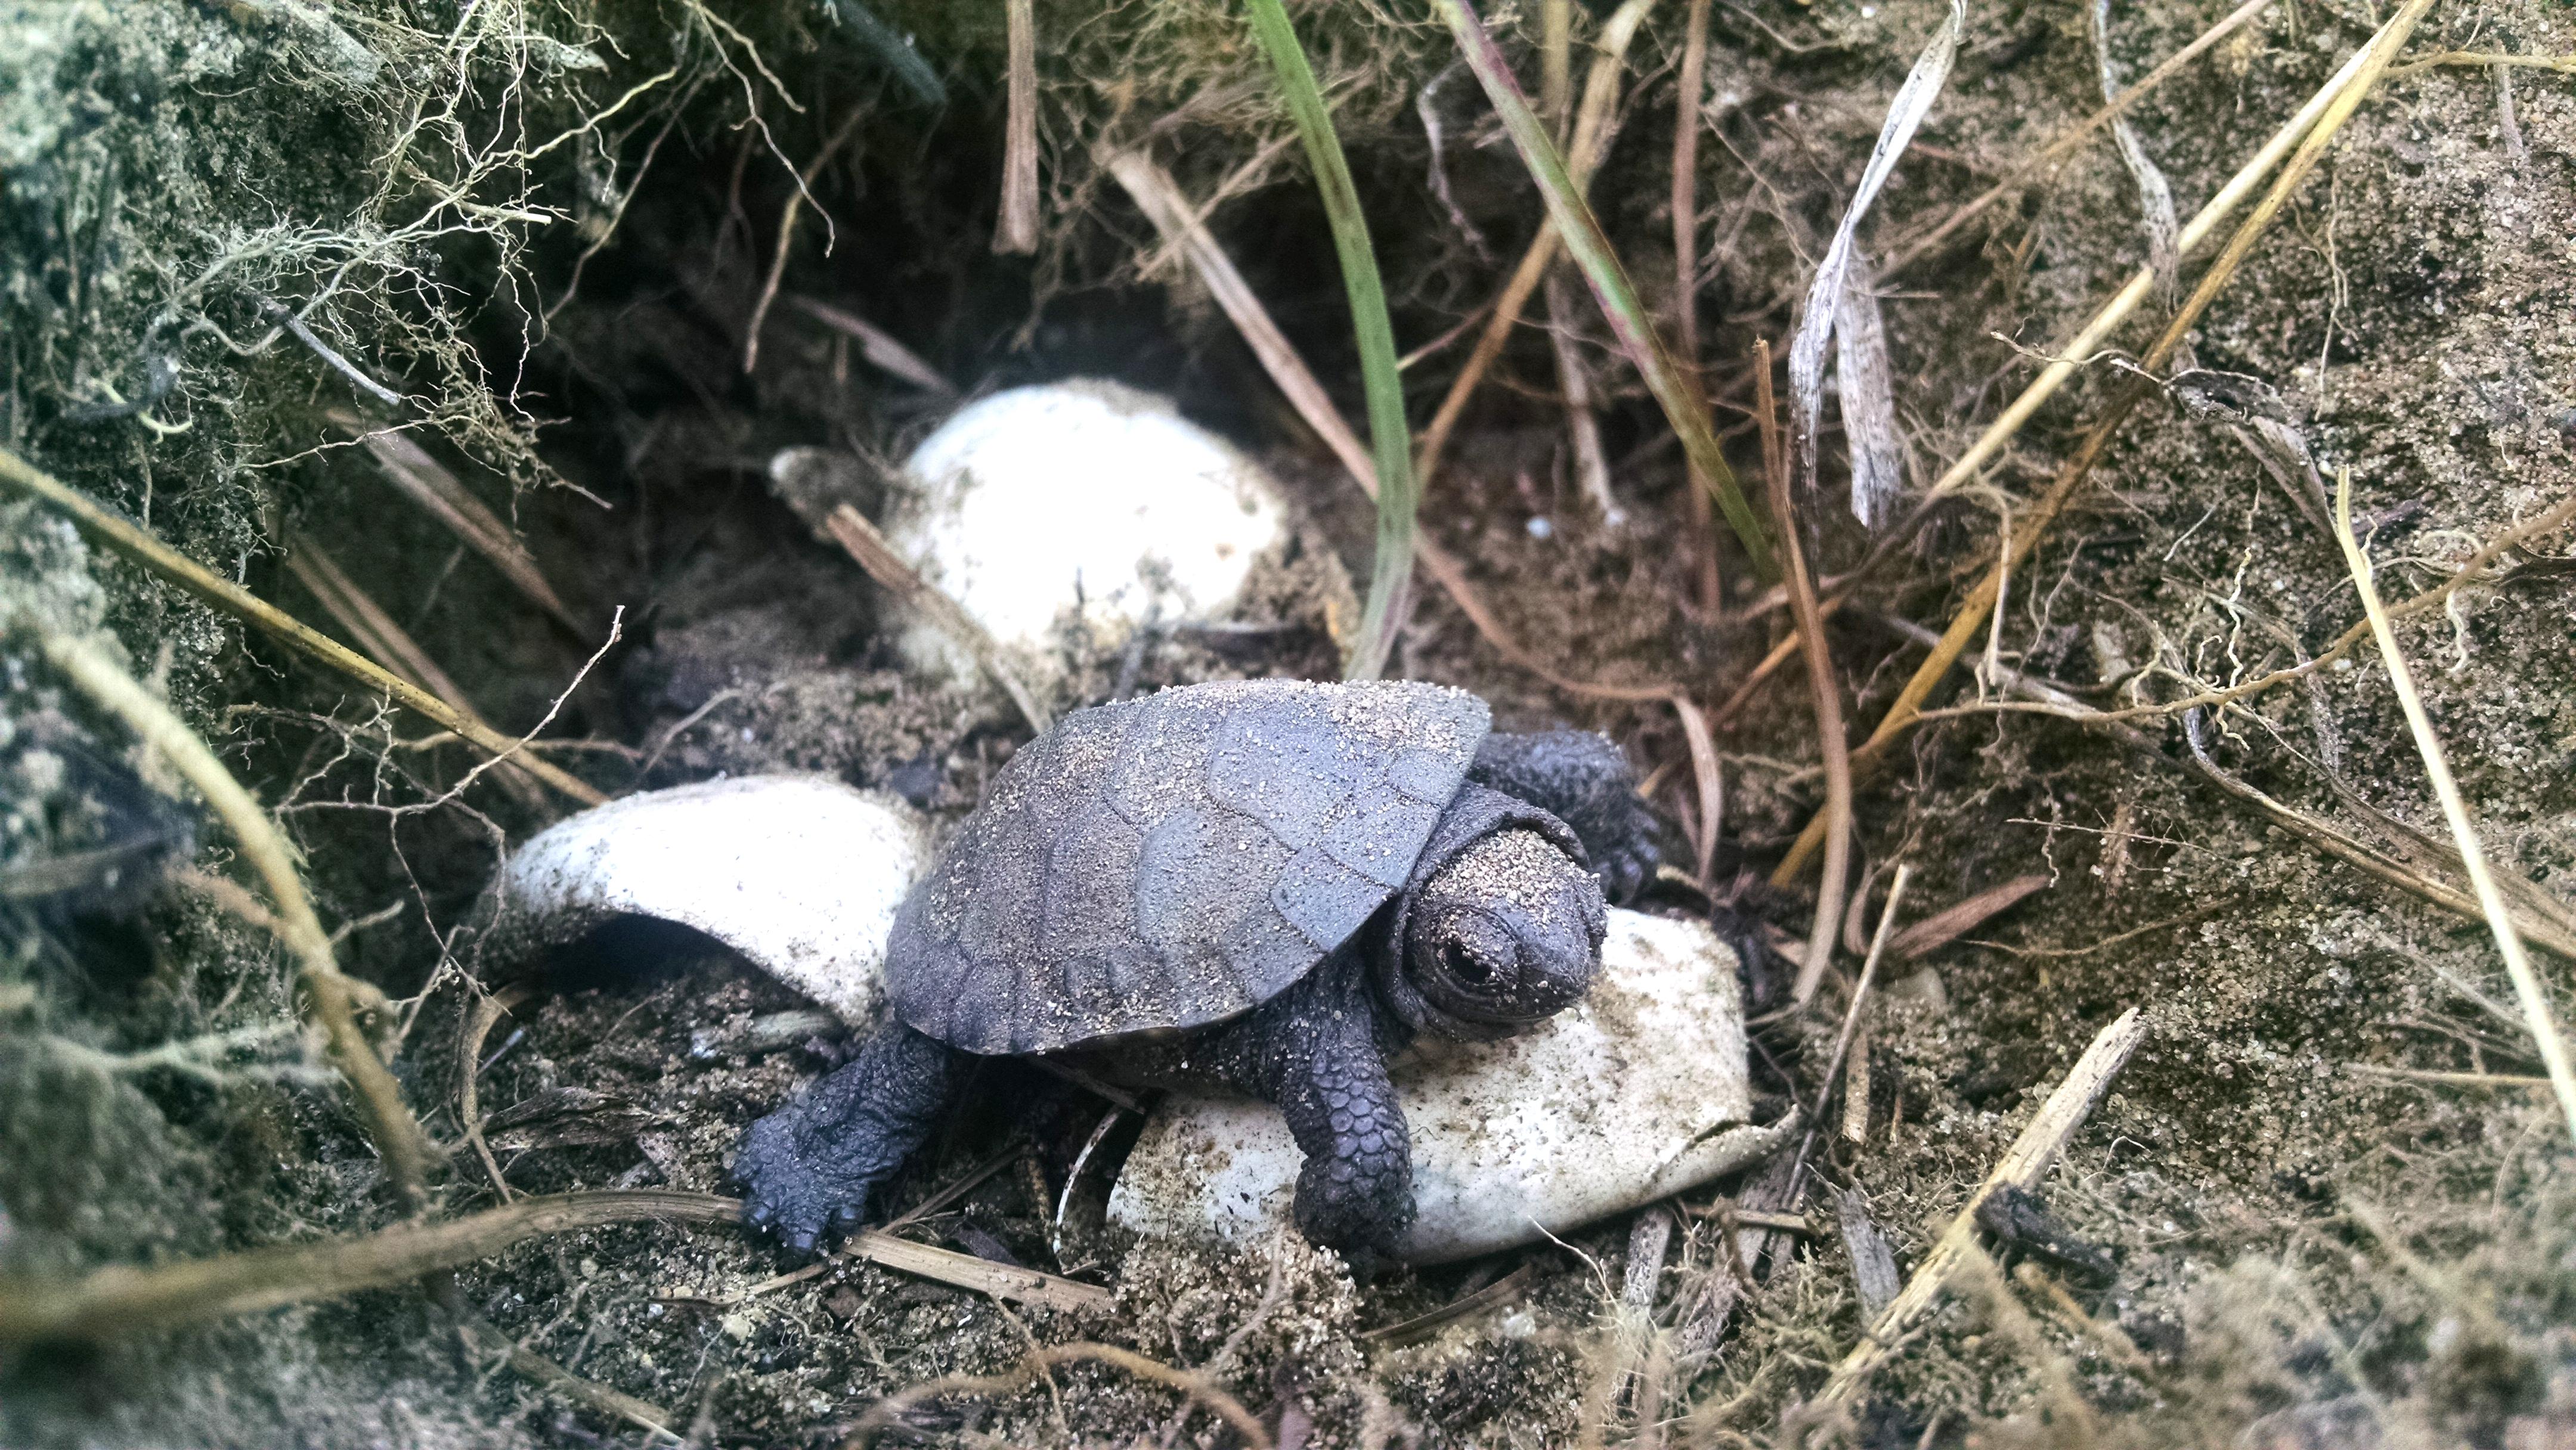 Картинка черепахи с яйцами